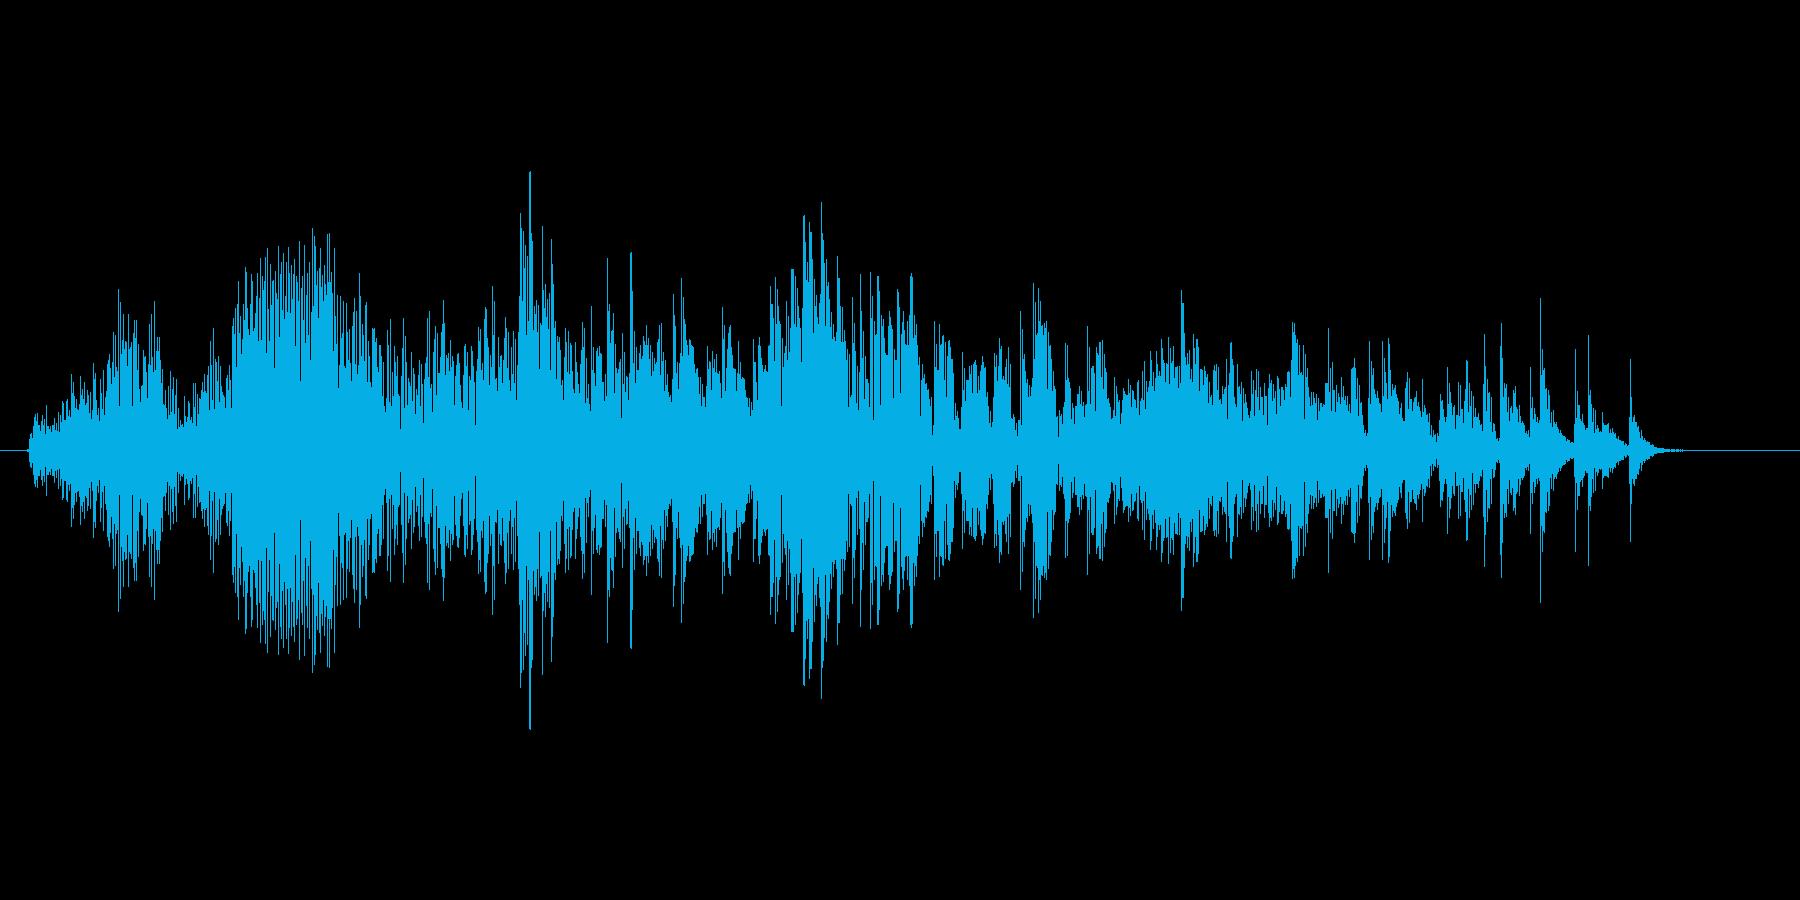 魔物、ゾンビ「うえー」の再生済みの波形